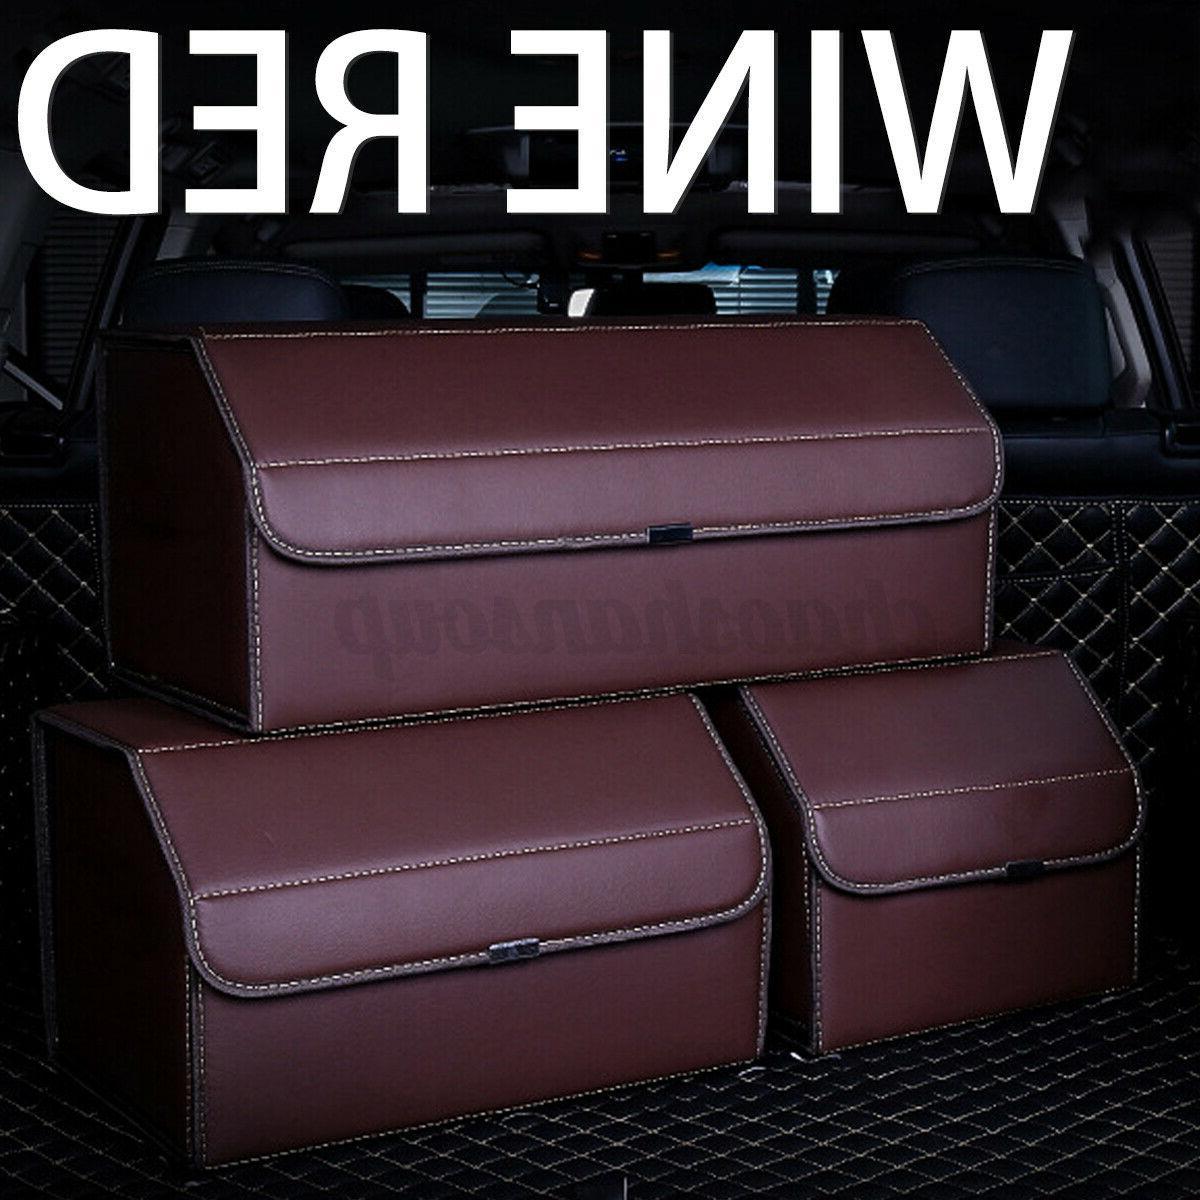 Large PU Car Storage Rear Racks